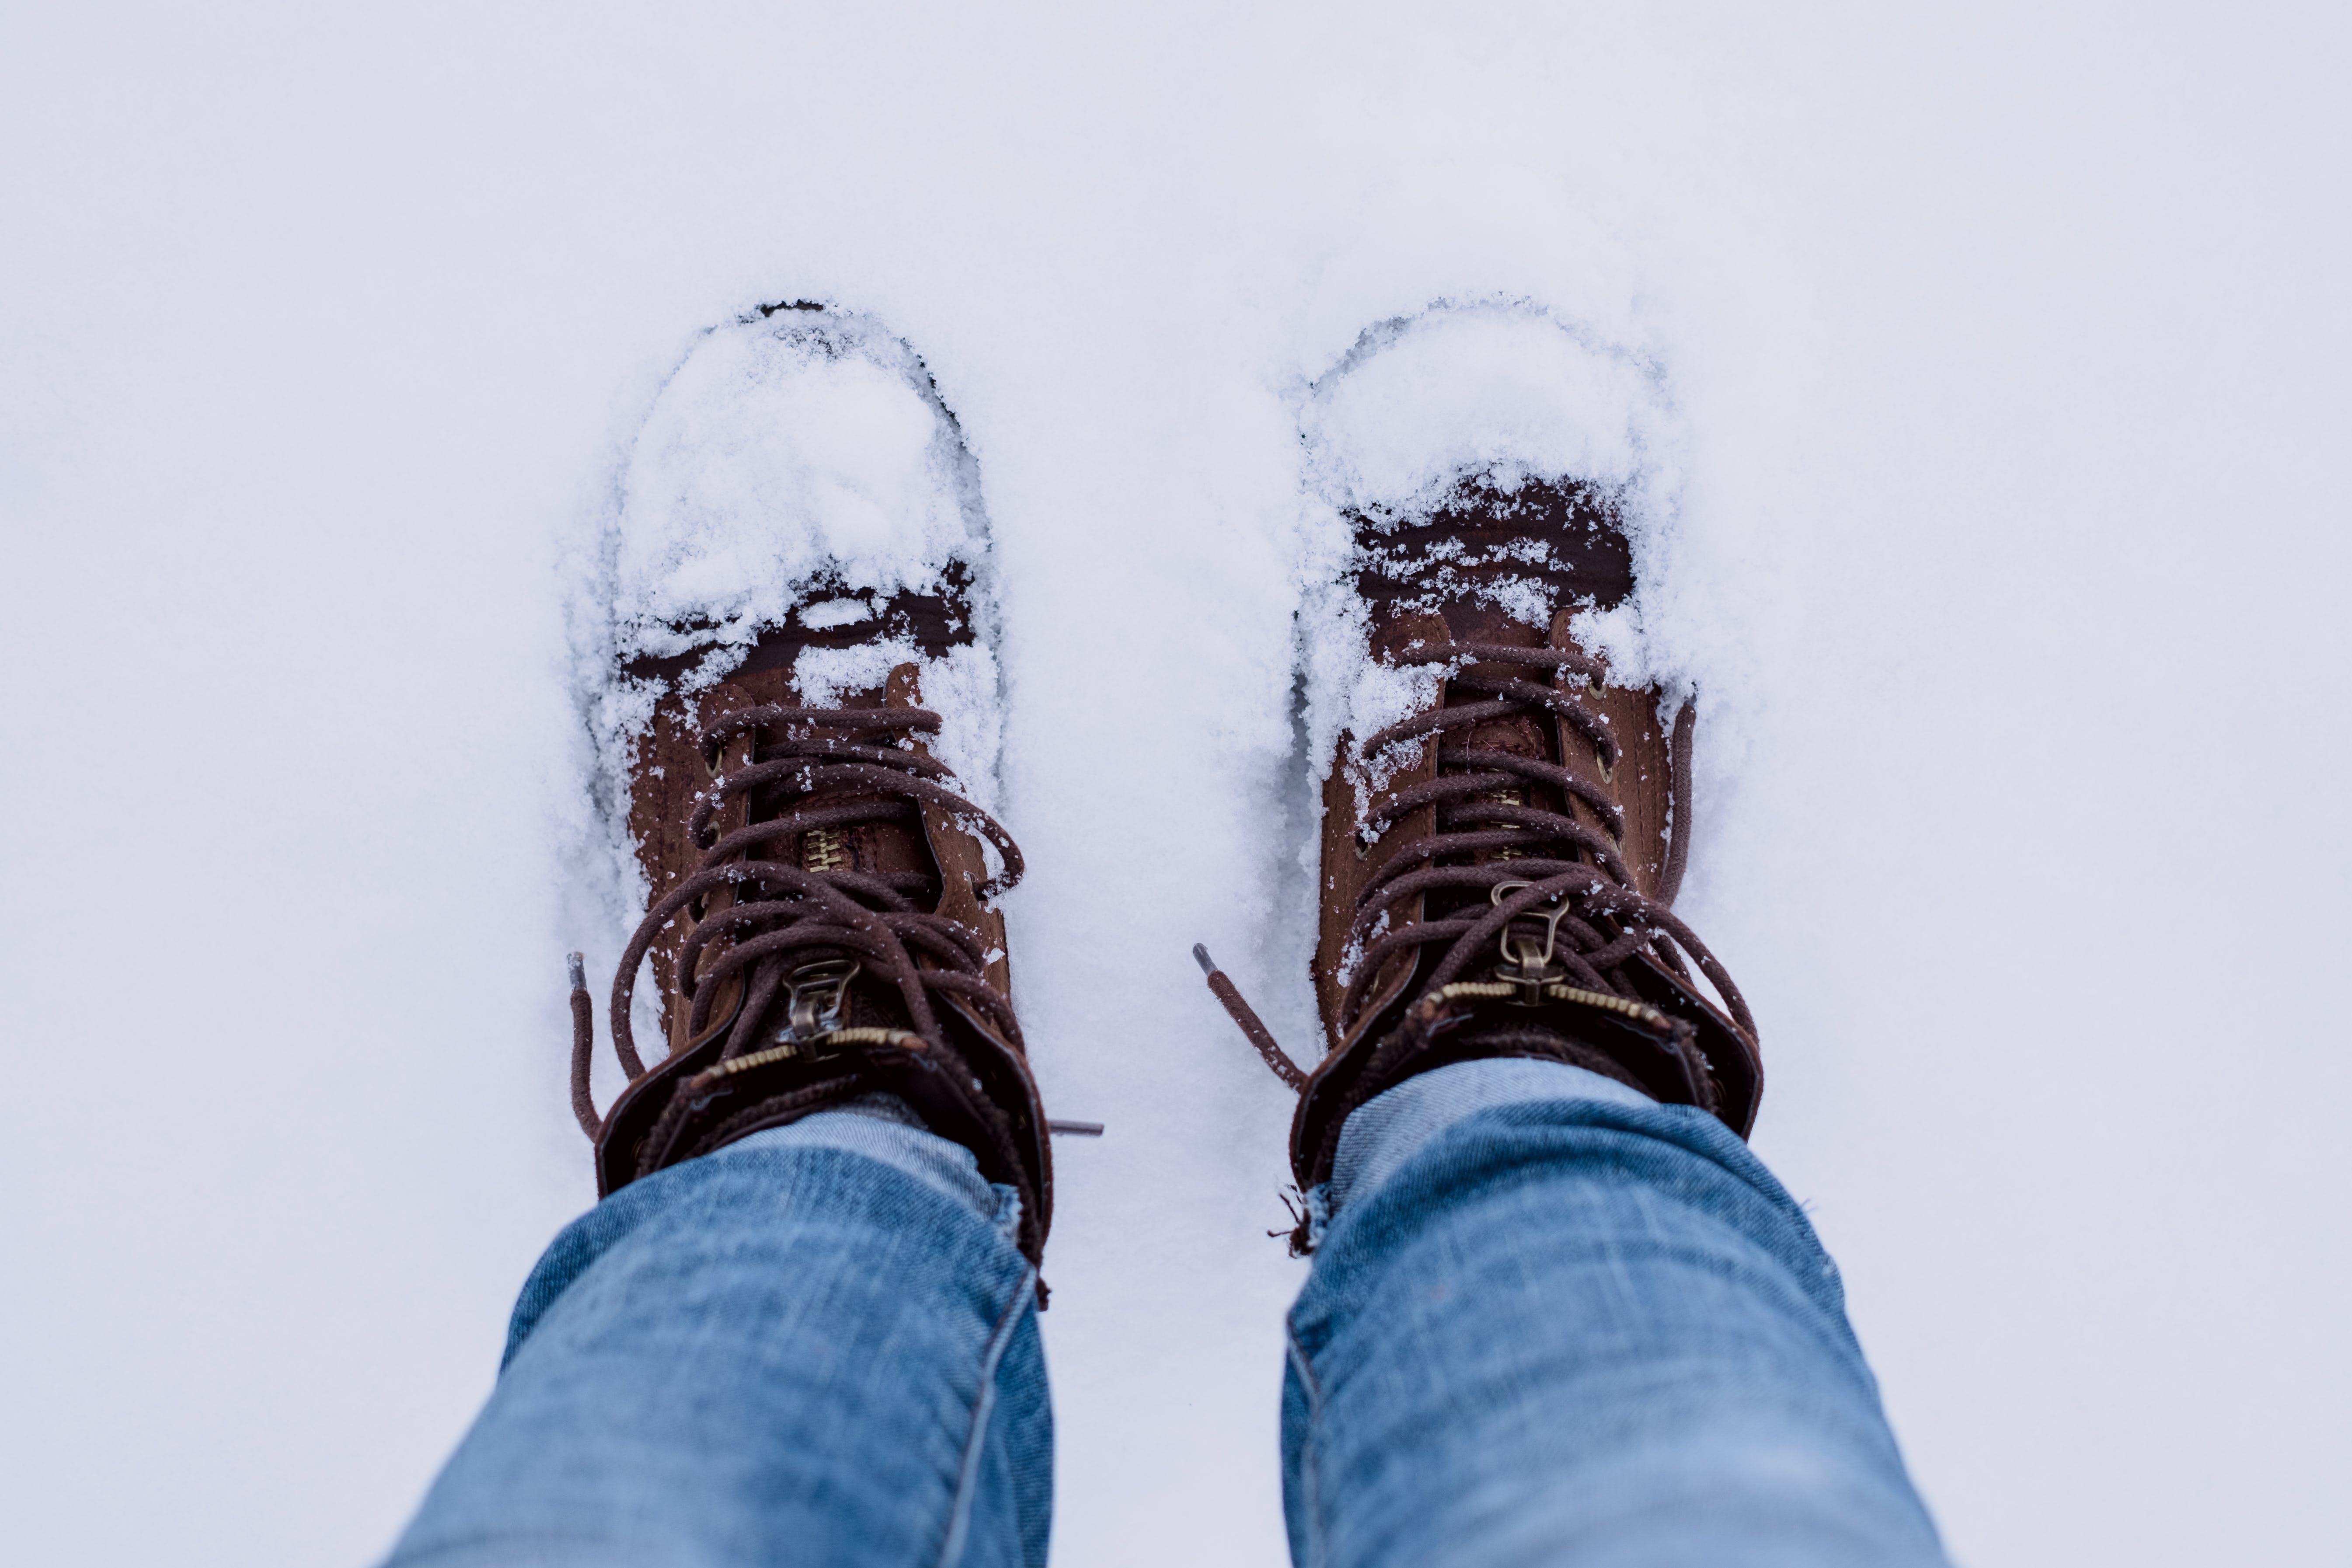 Kostenloses Stock Foto zu denim jeans, draußen, einfrieren, fußbekleidung